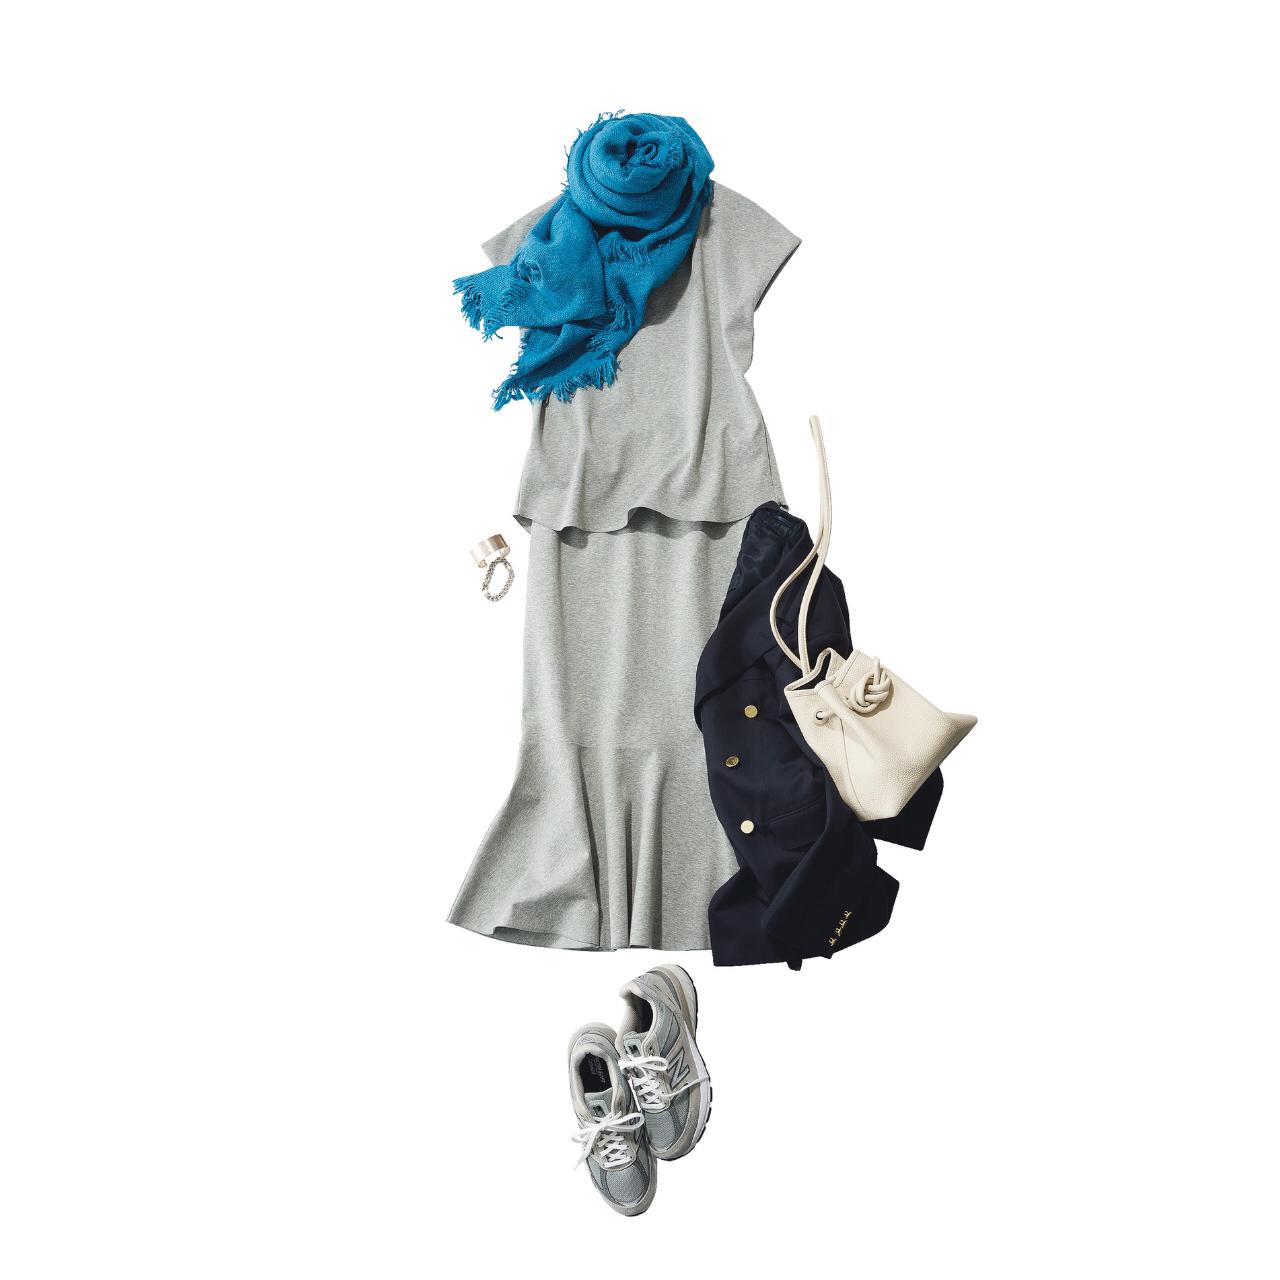 【スニーカーでおしゃれに見せるコツまとめ】アラフォーの2021夏 スニーカーコーデ実例|40代ファッション_1_21